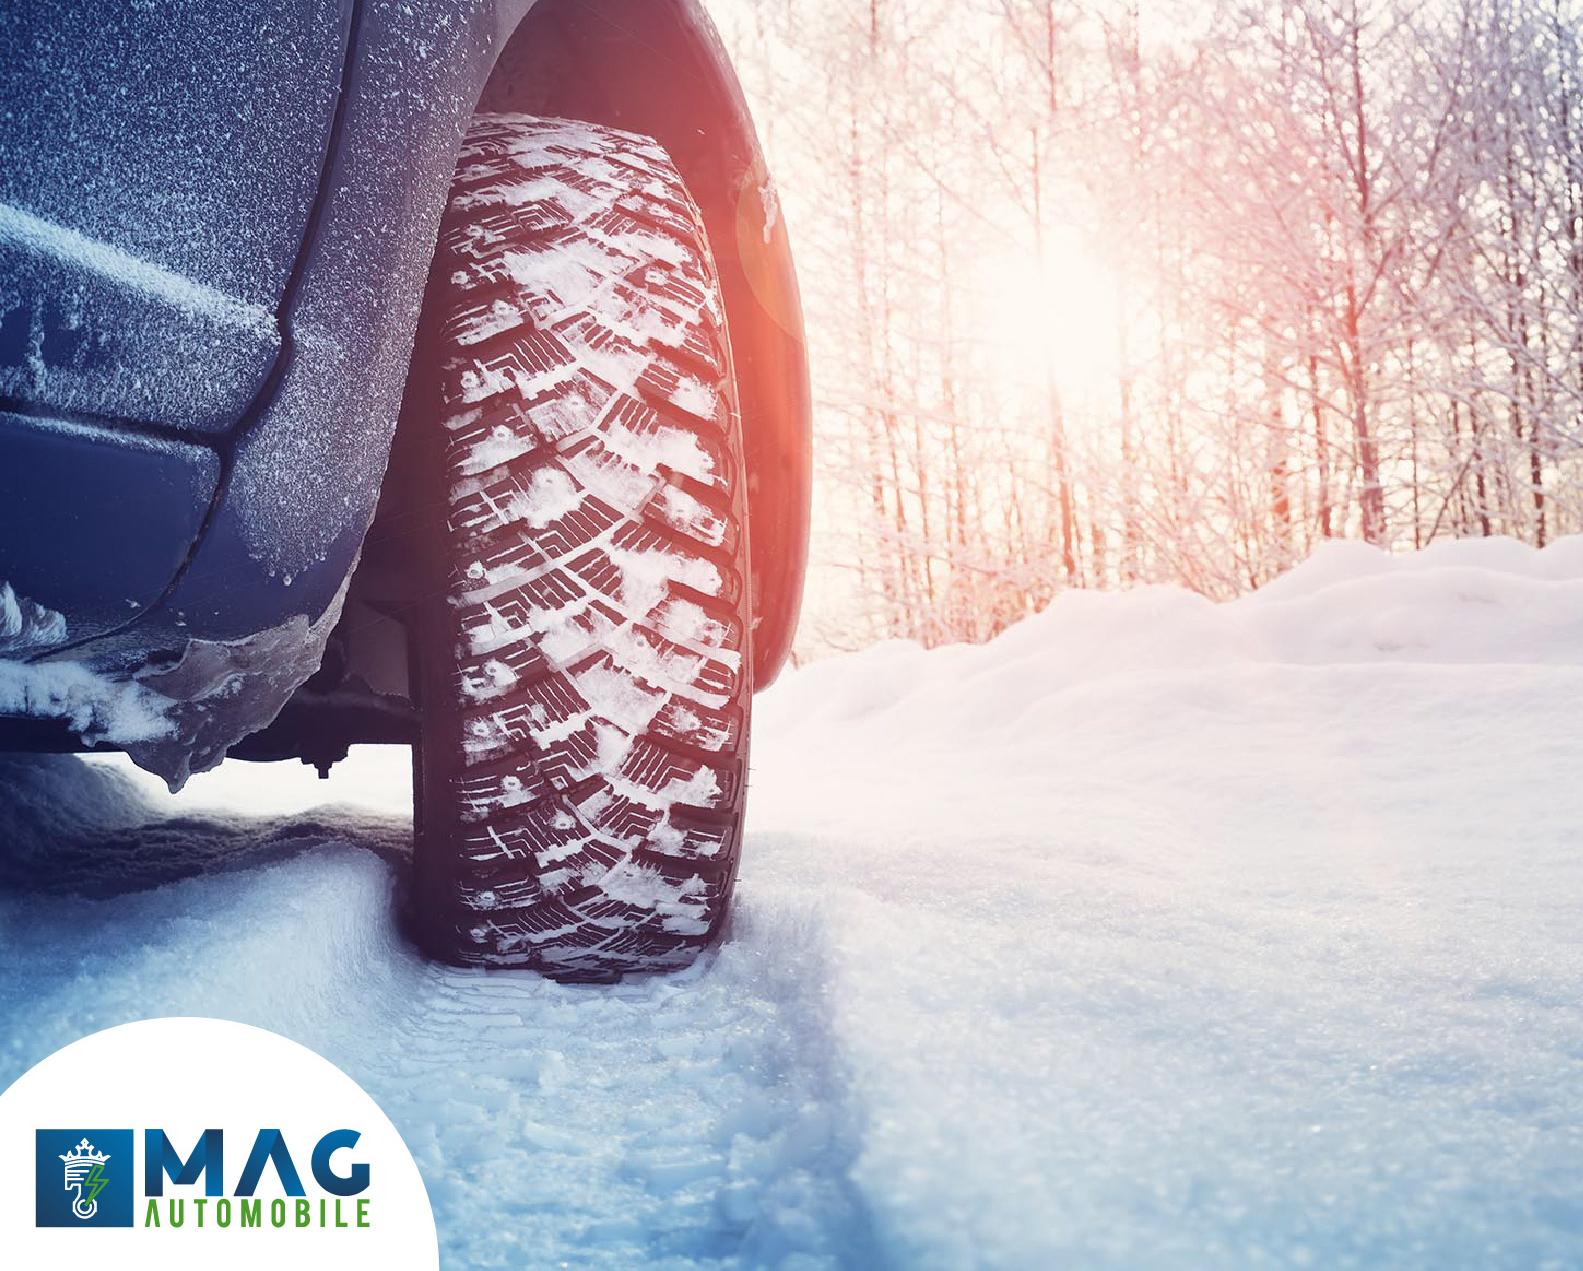 Cum ți-ai pregătit mașina pentru iarnă? Participă la sondajul MagAutomobile și câștigă un kit de iarnă pentru mașina ta